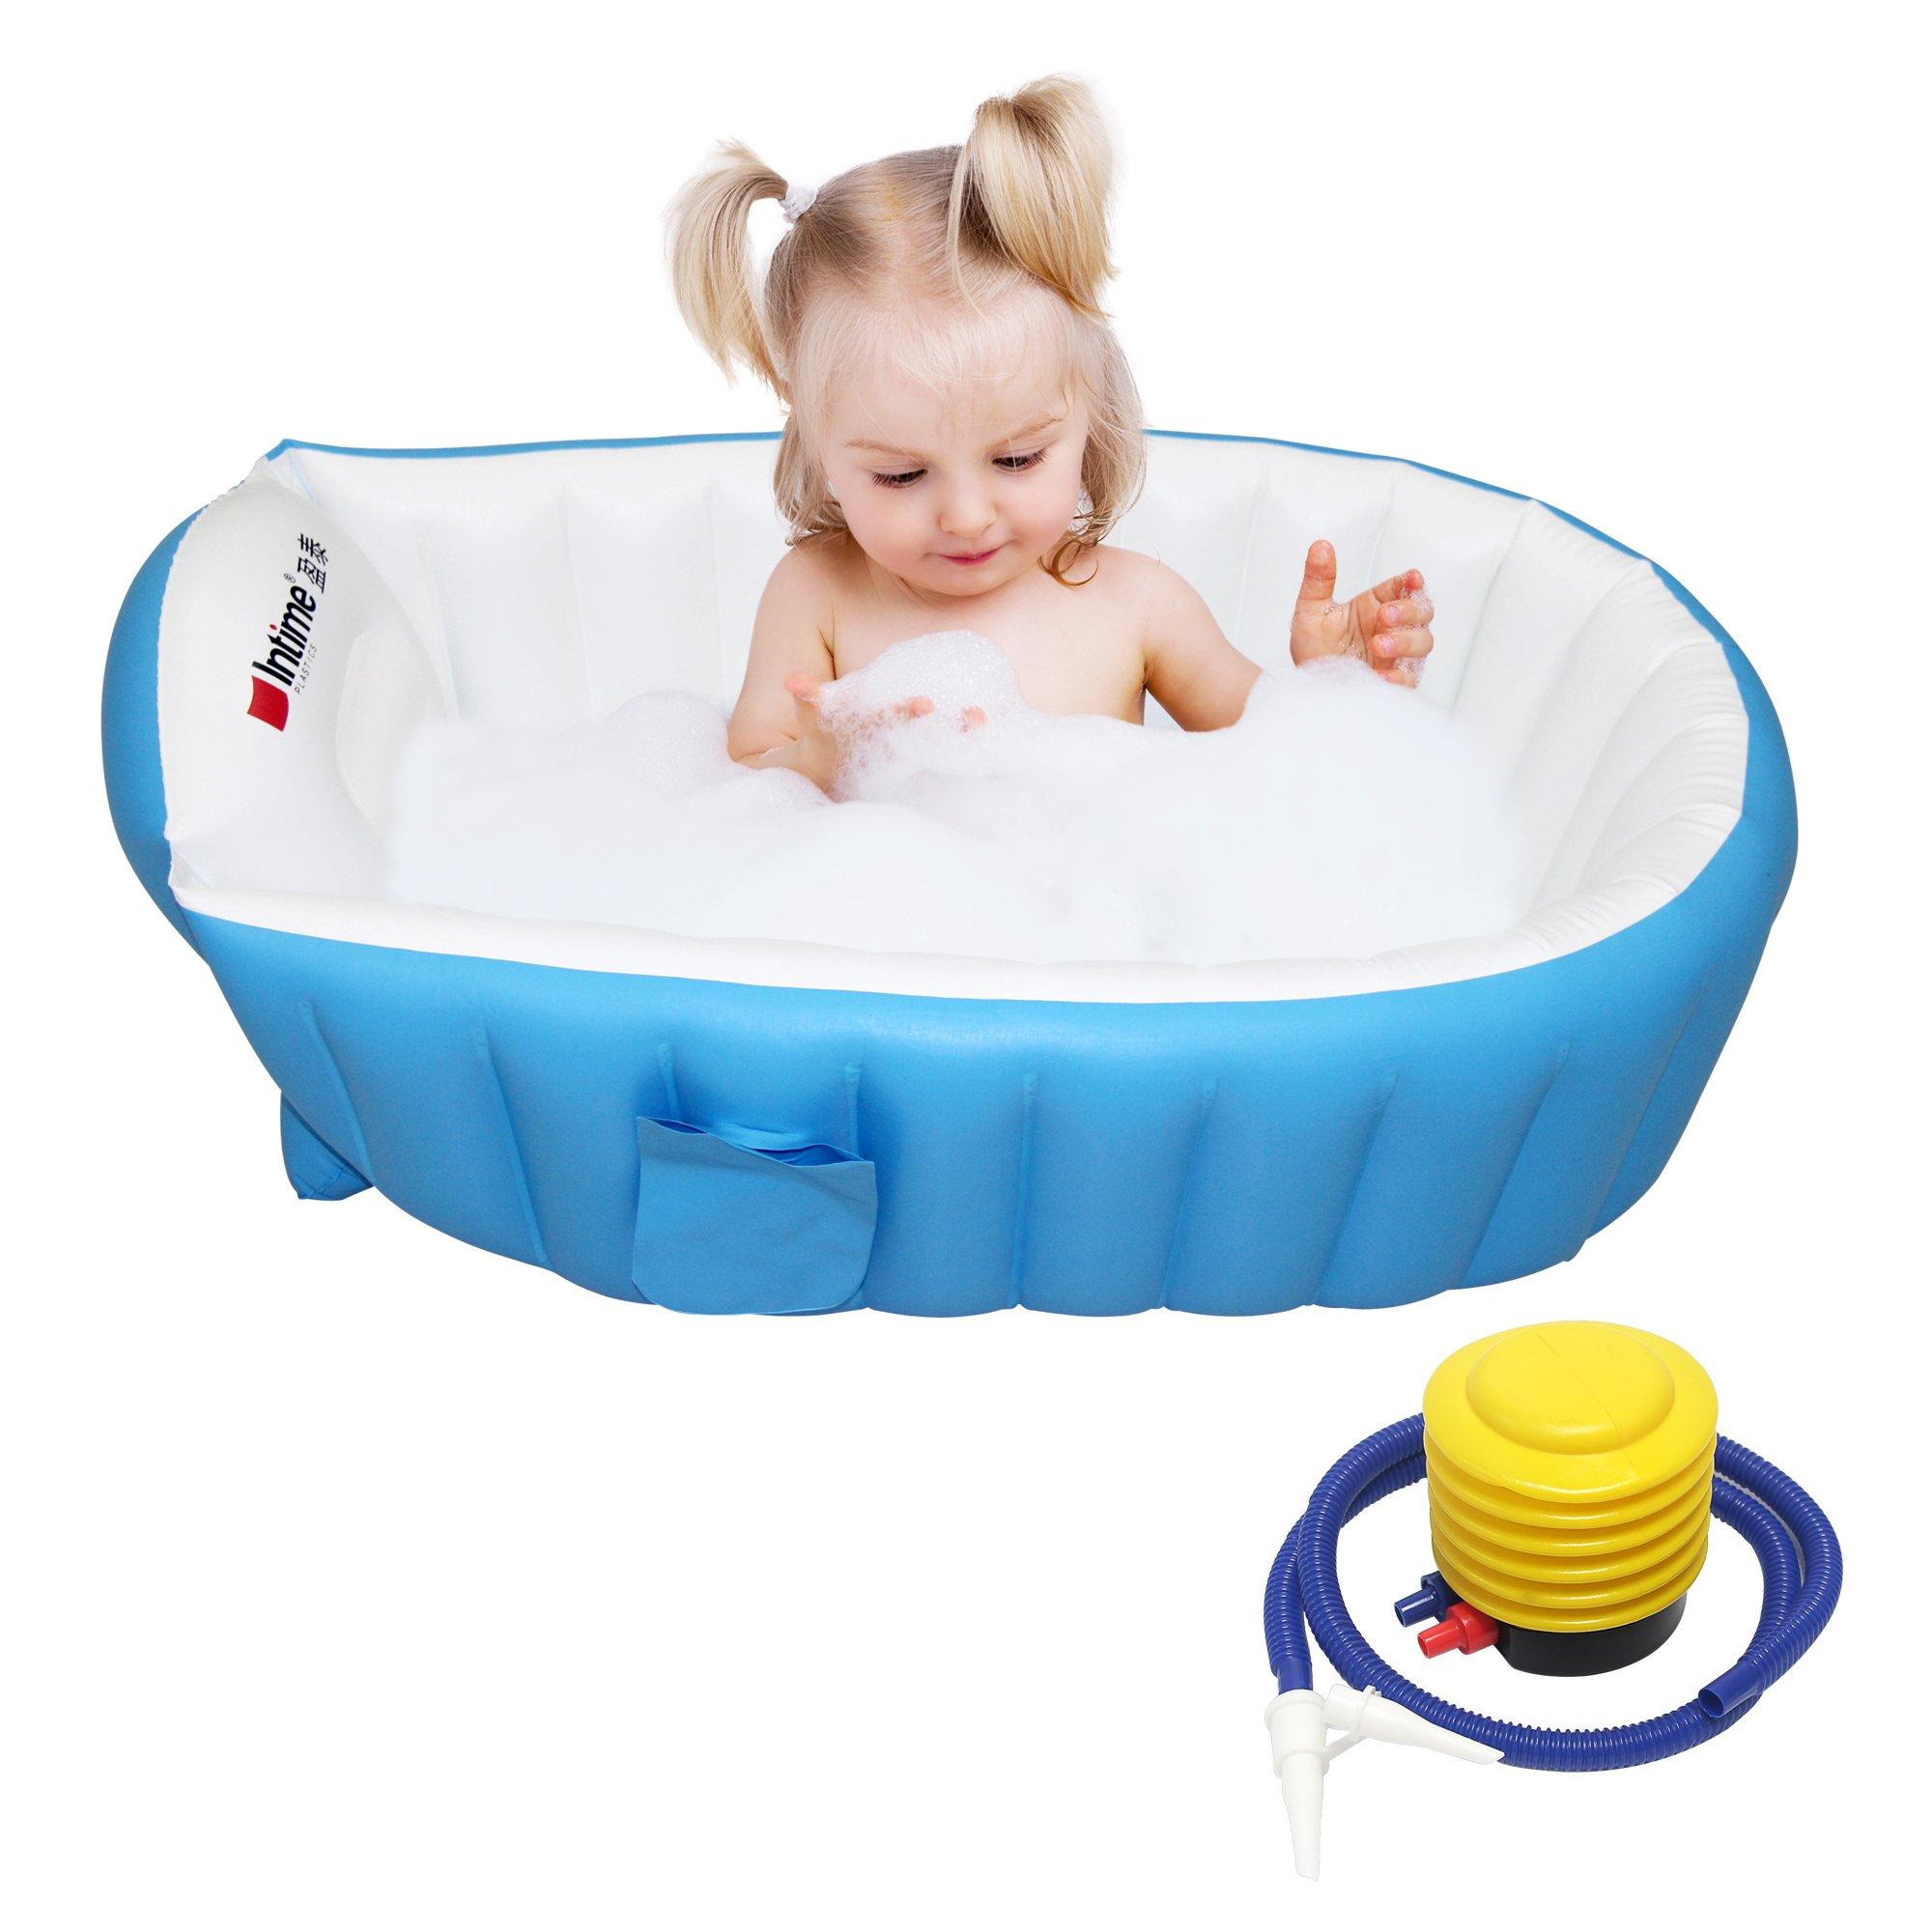 Cheap Blue Baby Bathtub, find Blue Baby Bathtub deals on line at ...